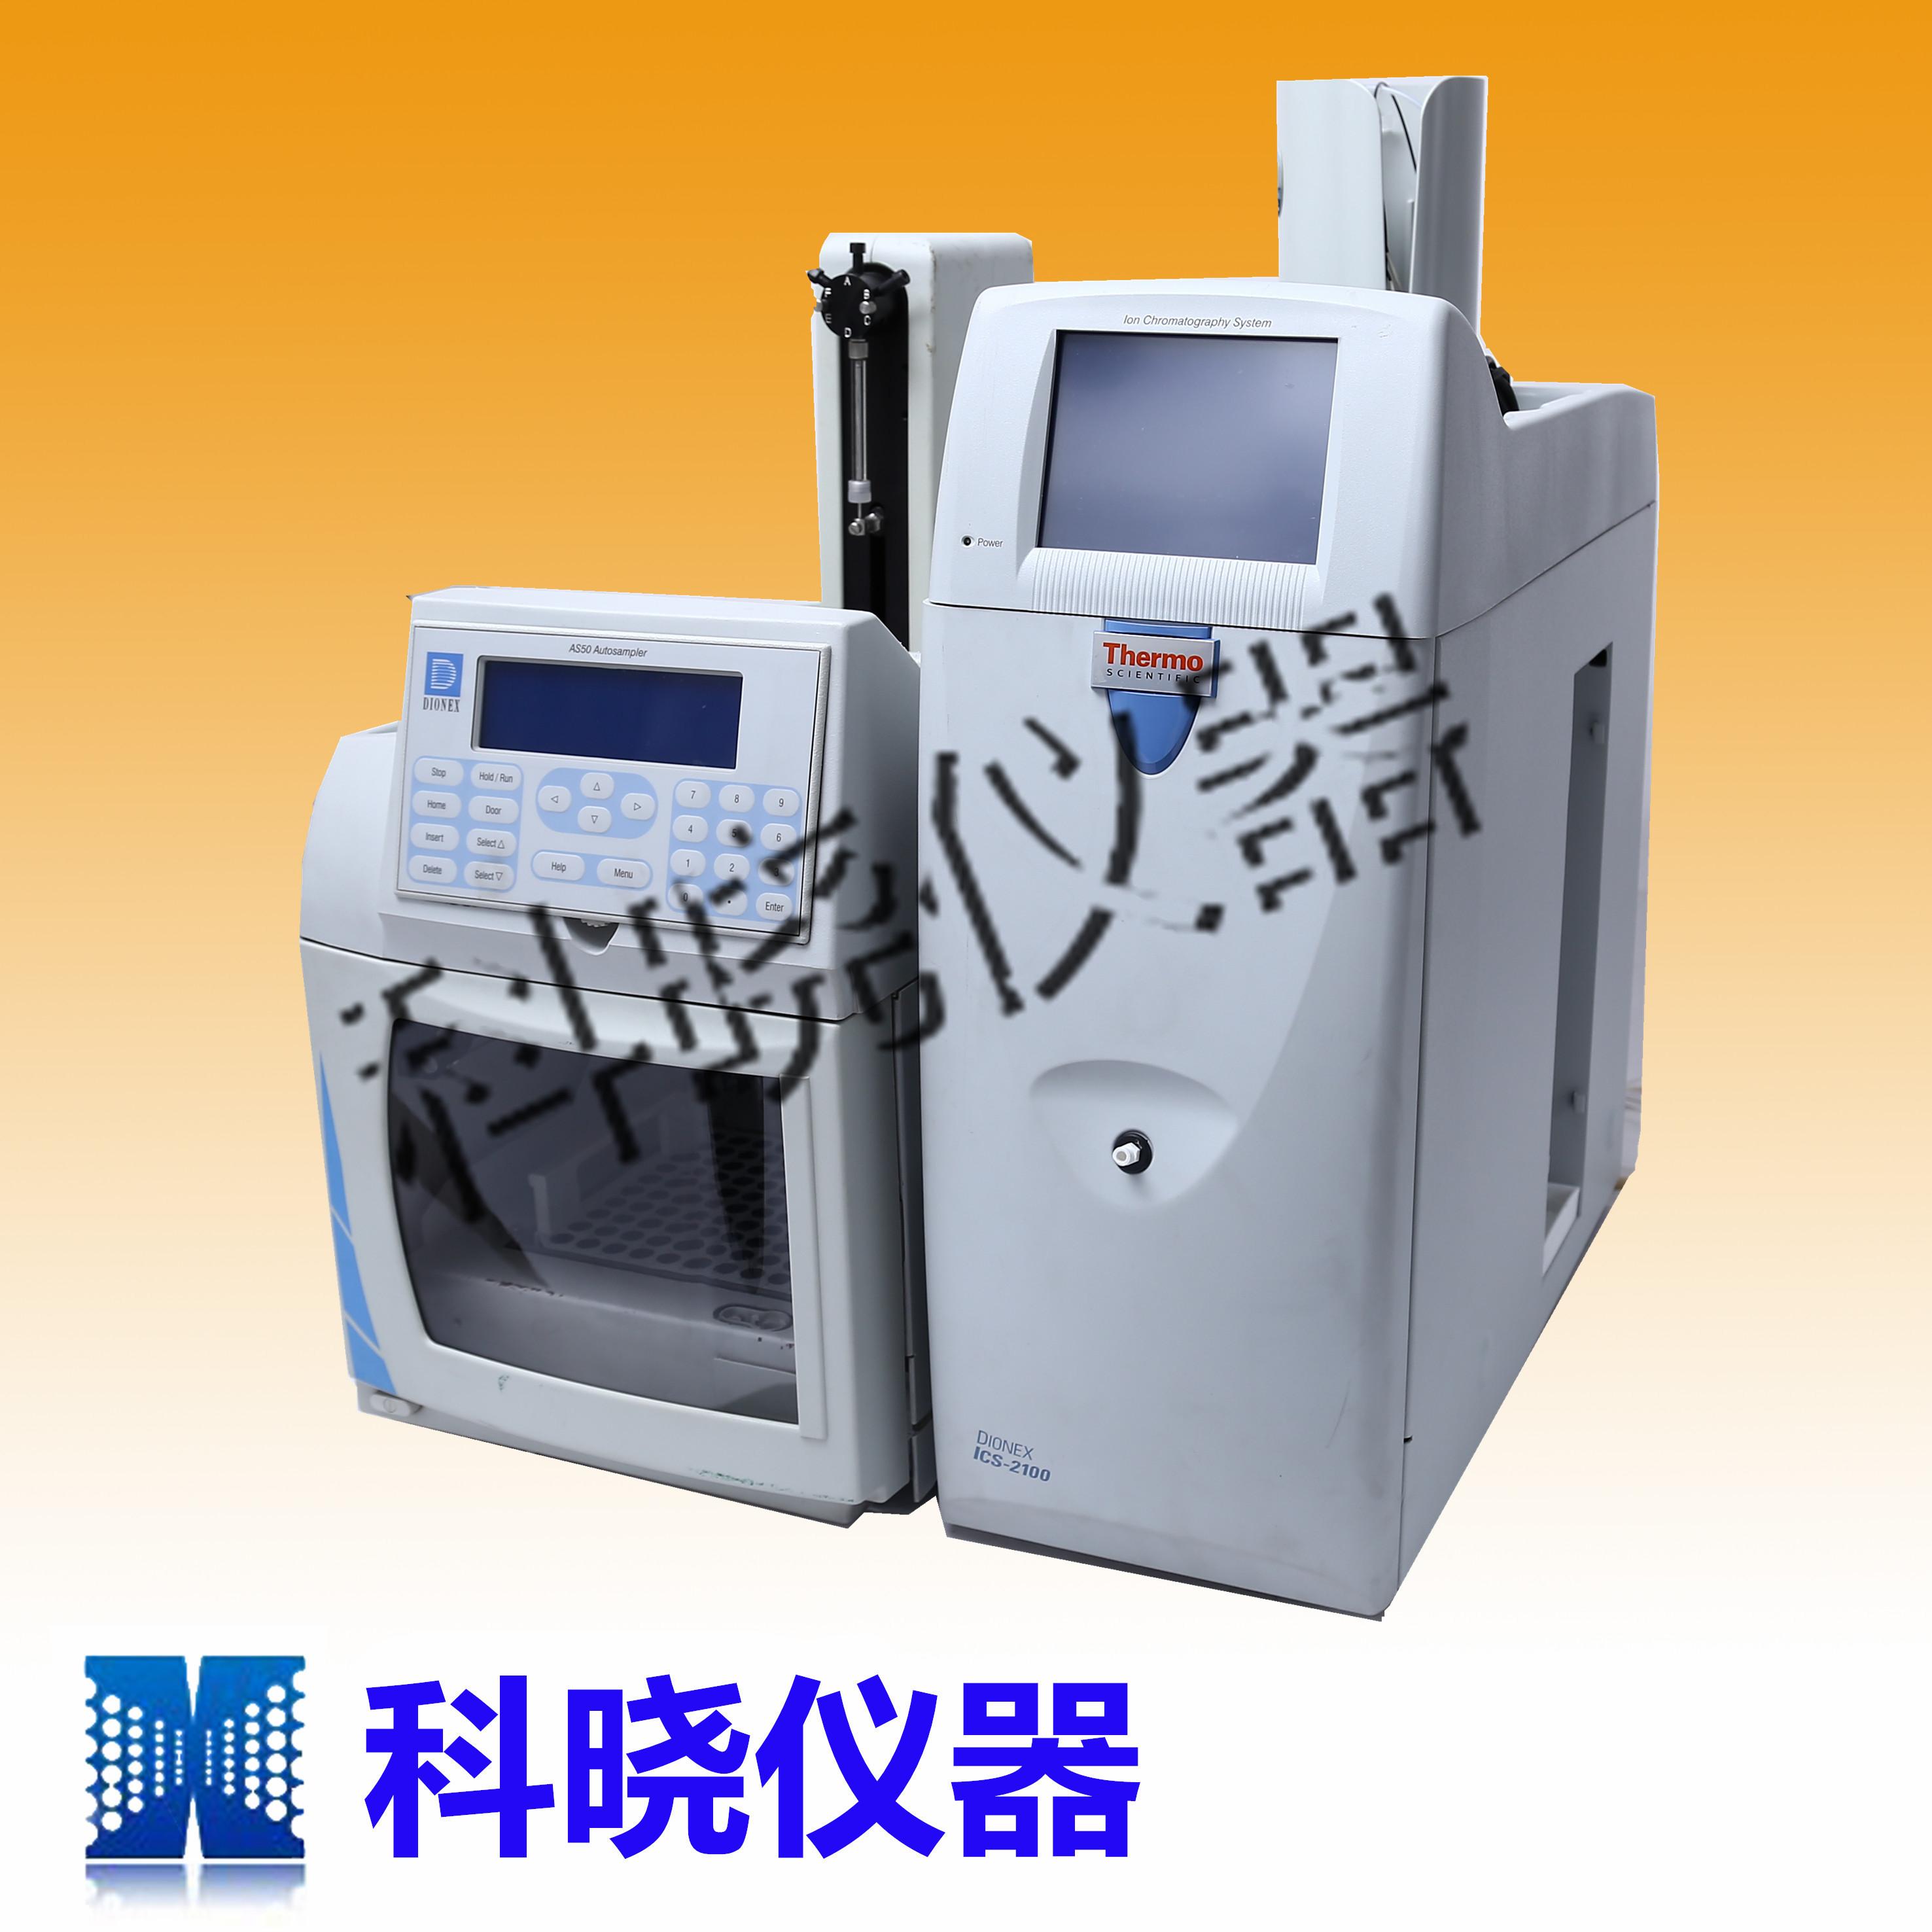 二手离子色谱仪系列戴安ICS-2100